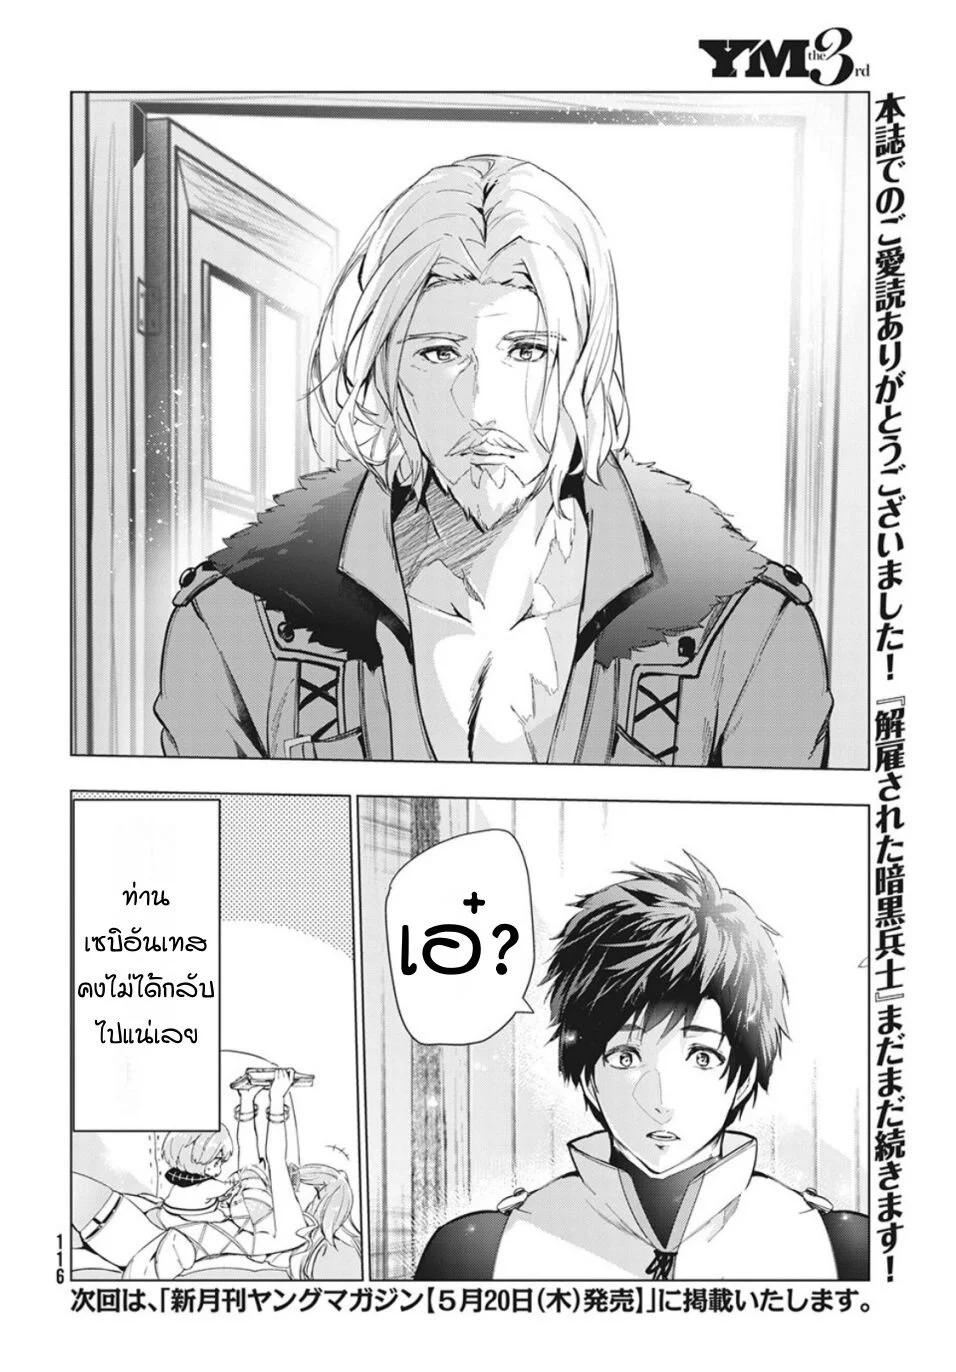 อ่านการ์ตูน Kaiko sareta Ankoku Heishi (30-dai) no Slow na Second ตอนที่ 20 หน้าที่ 31